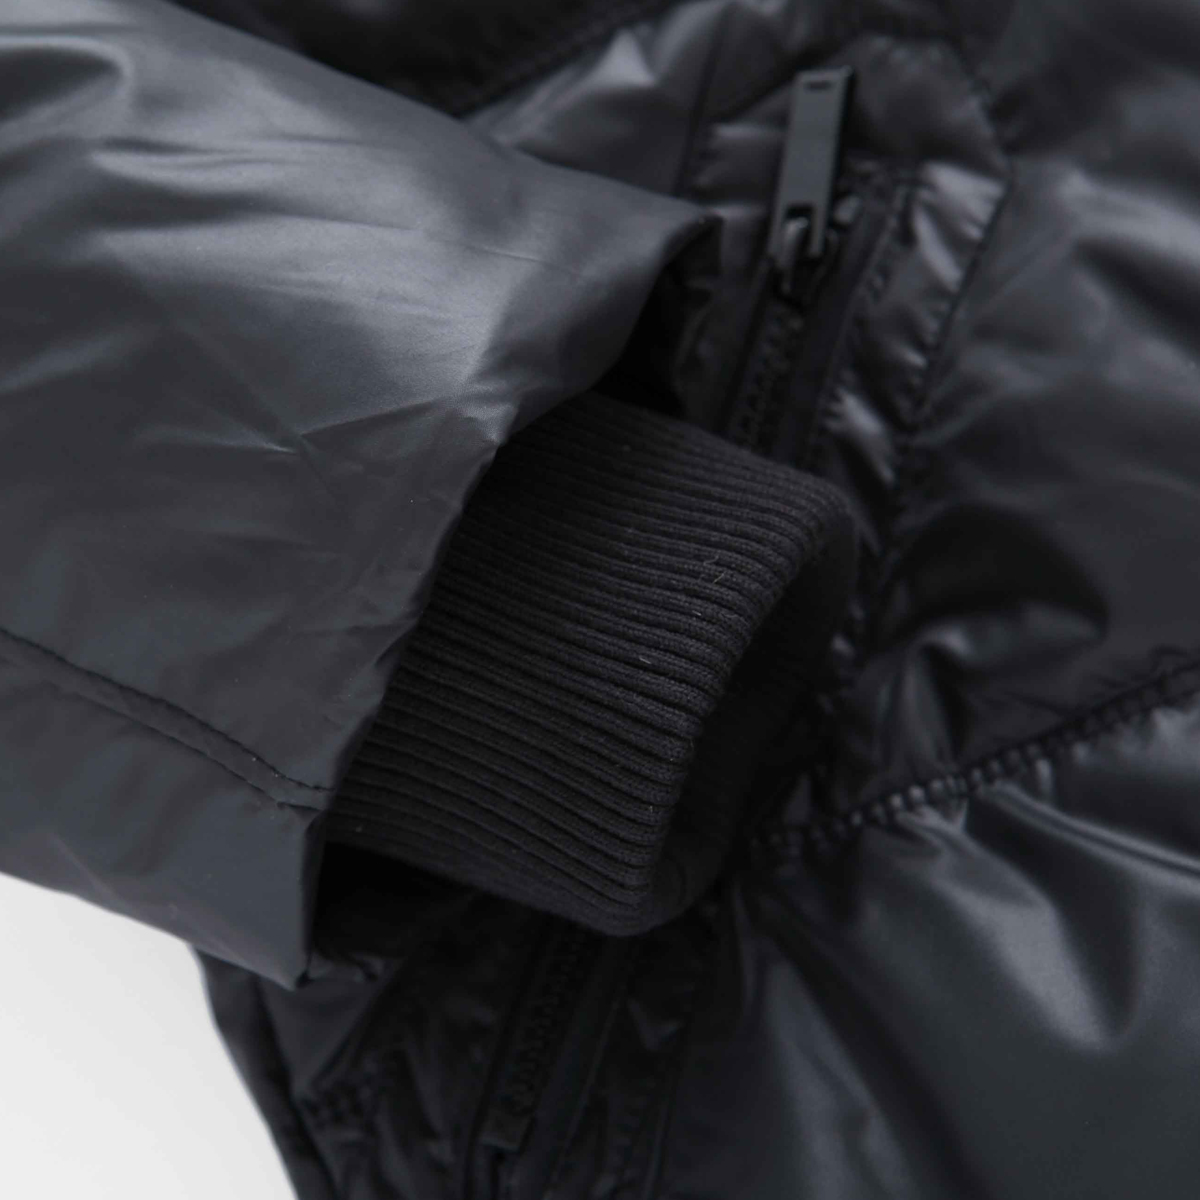 Пуховик мужской Semir 12132411105 Средней длины (длина одежды равна длине рукава+-3 см) Съёмный капюшон Разное Однотонный цвет